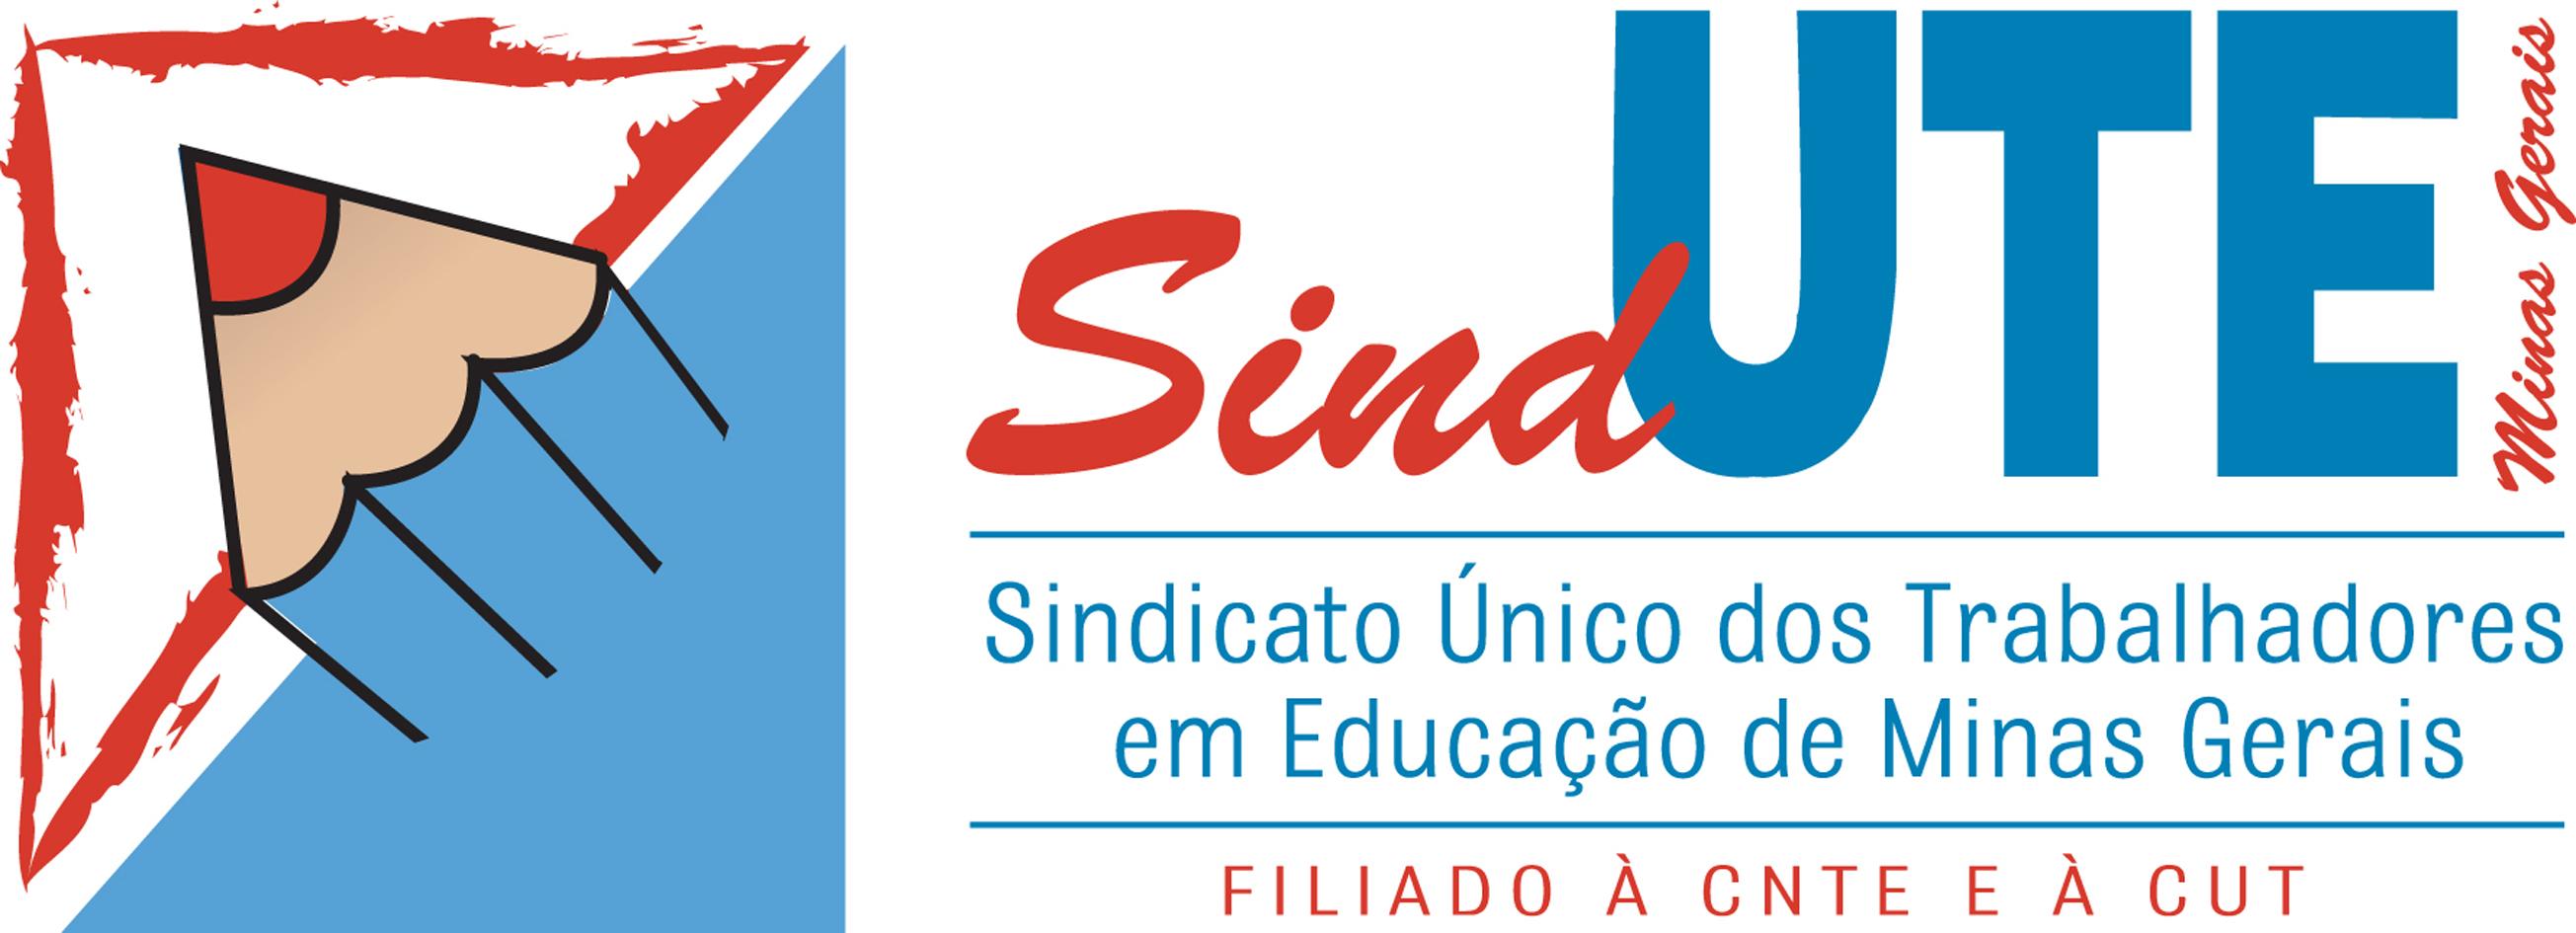 Sind-UTE MG.jpg